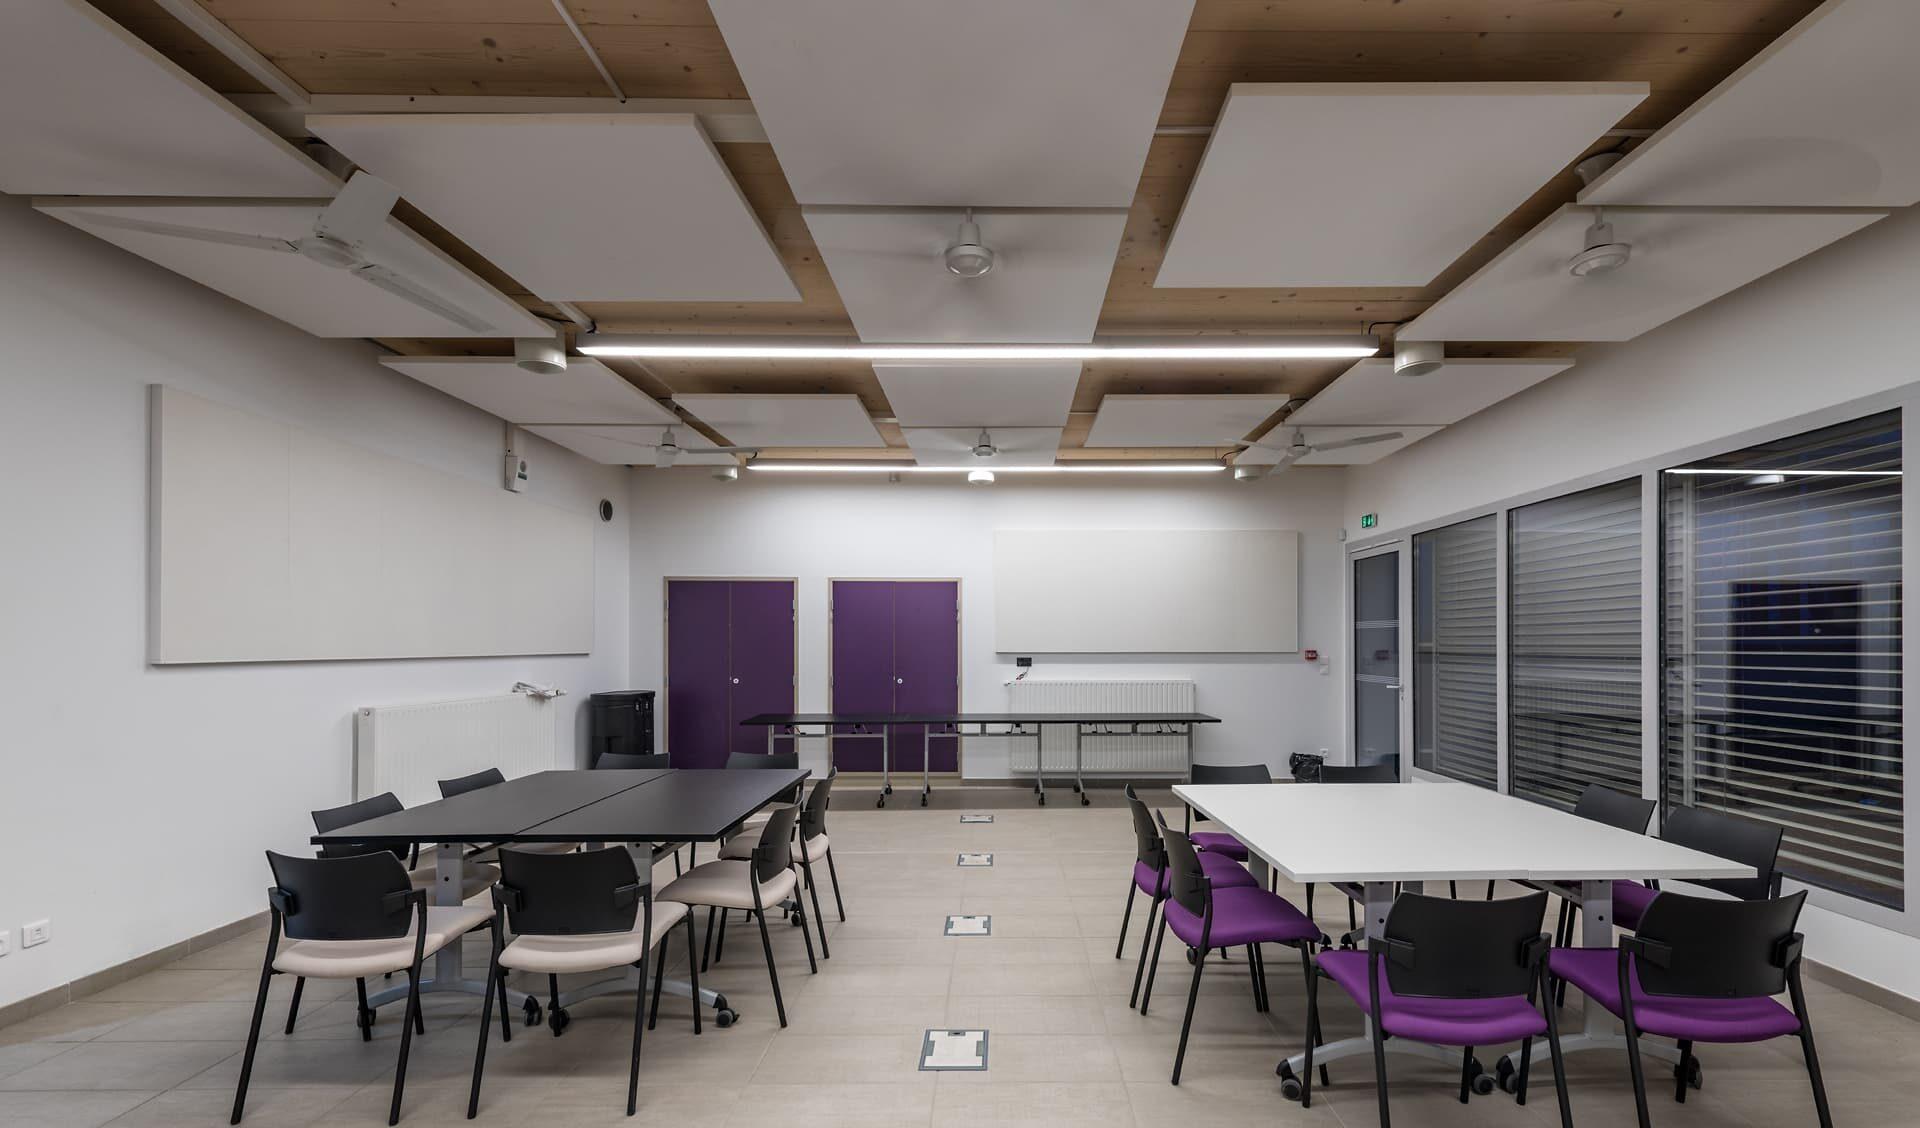 Eclairage d'une salle de classe de l'écocampus